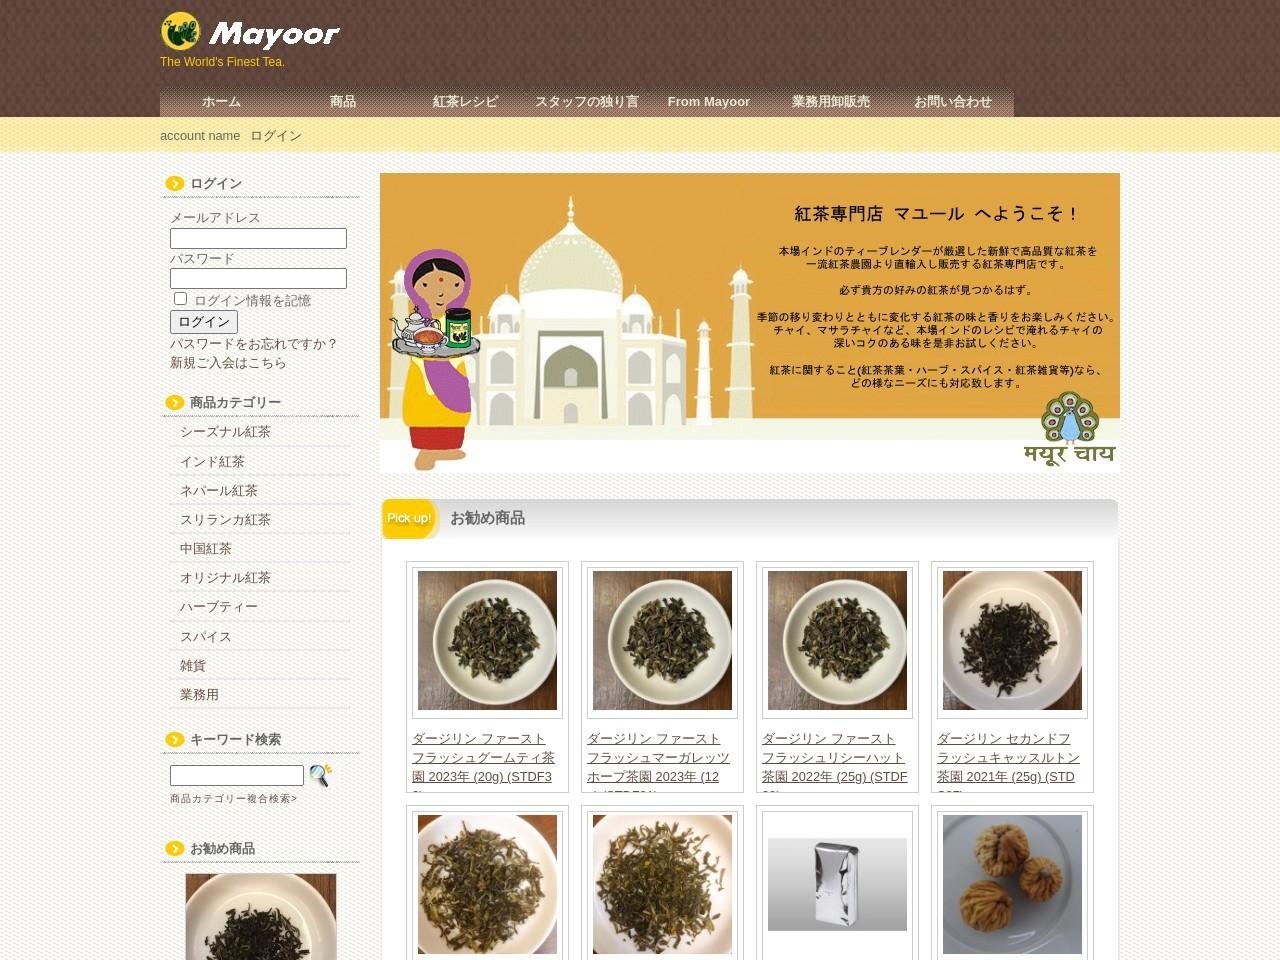 紅茶専門店 マユール | The World's Finest Tea.